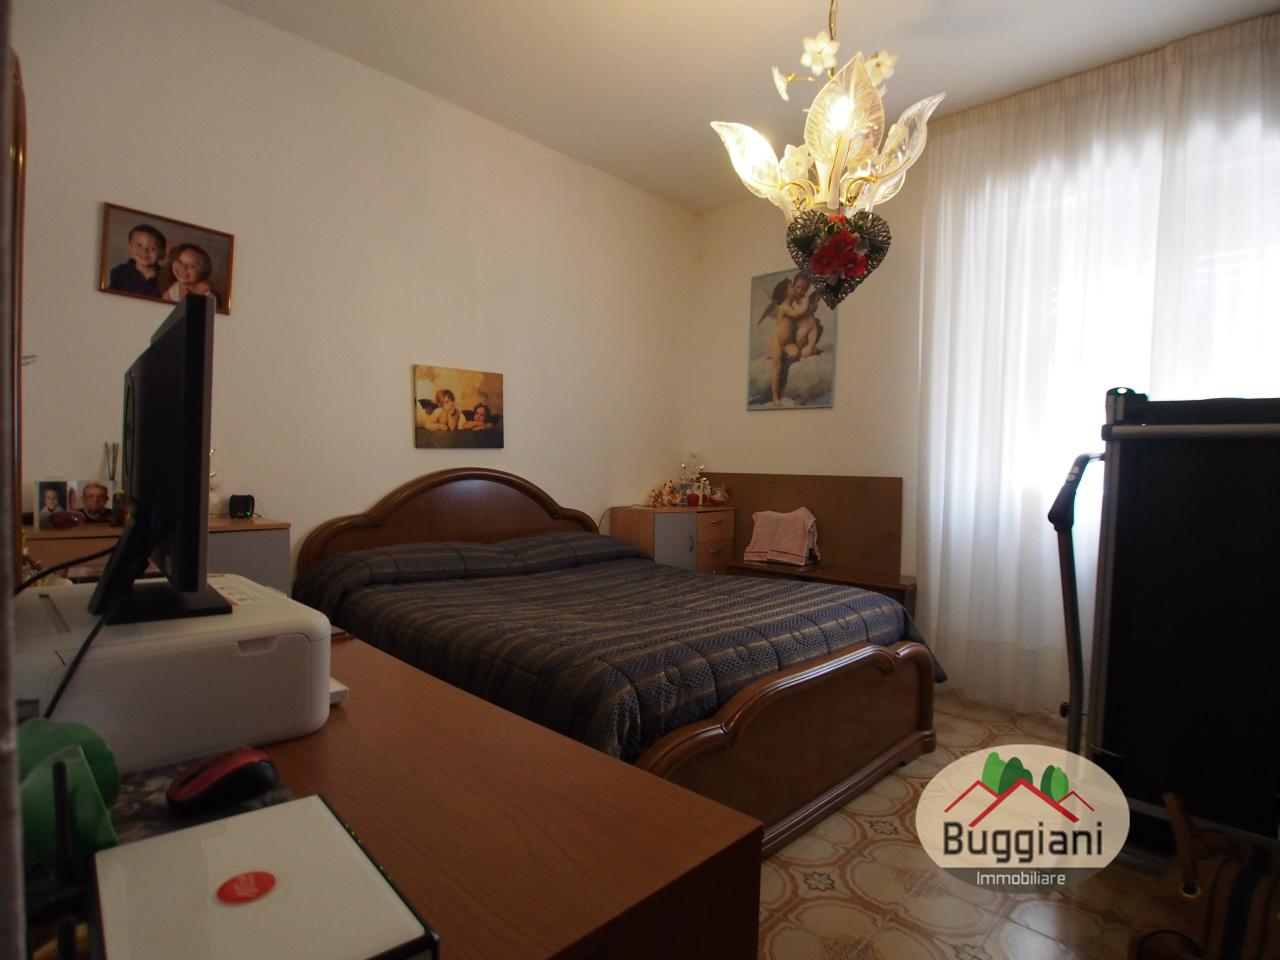 Appartamento in vendita RIF. 1926, Santa Croce sull'Arno (PI)